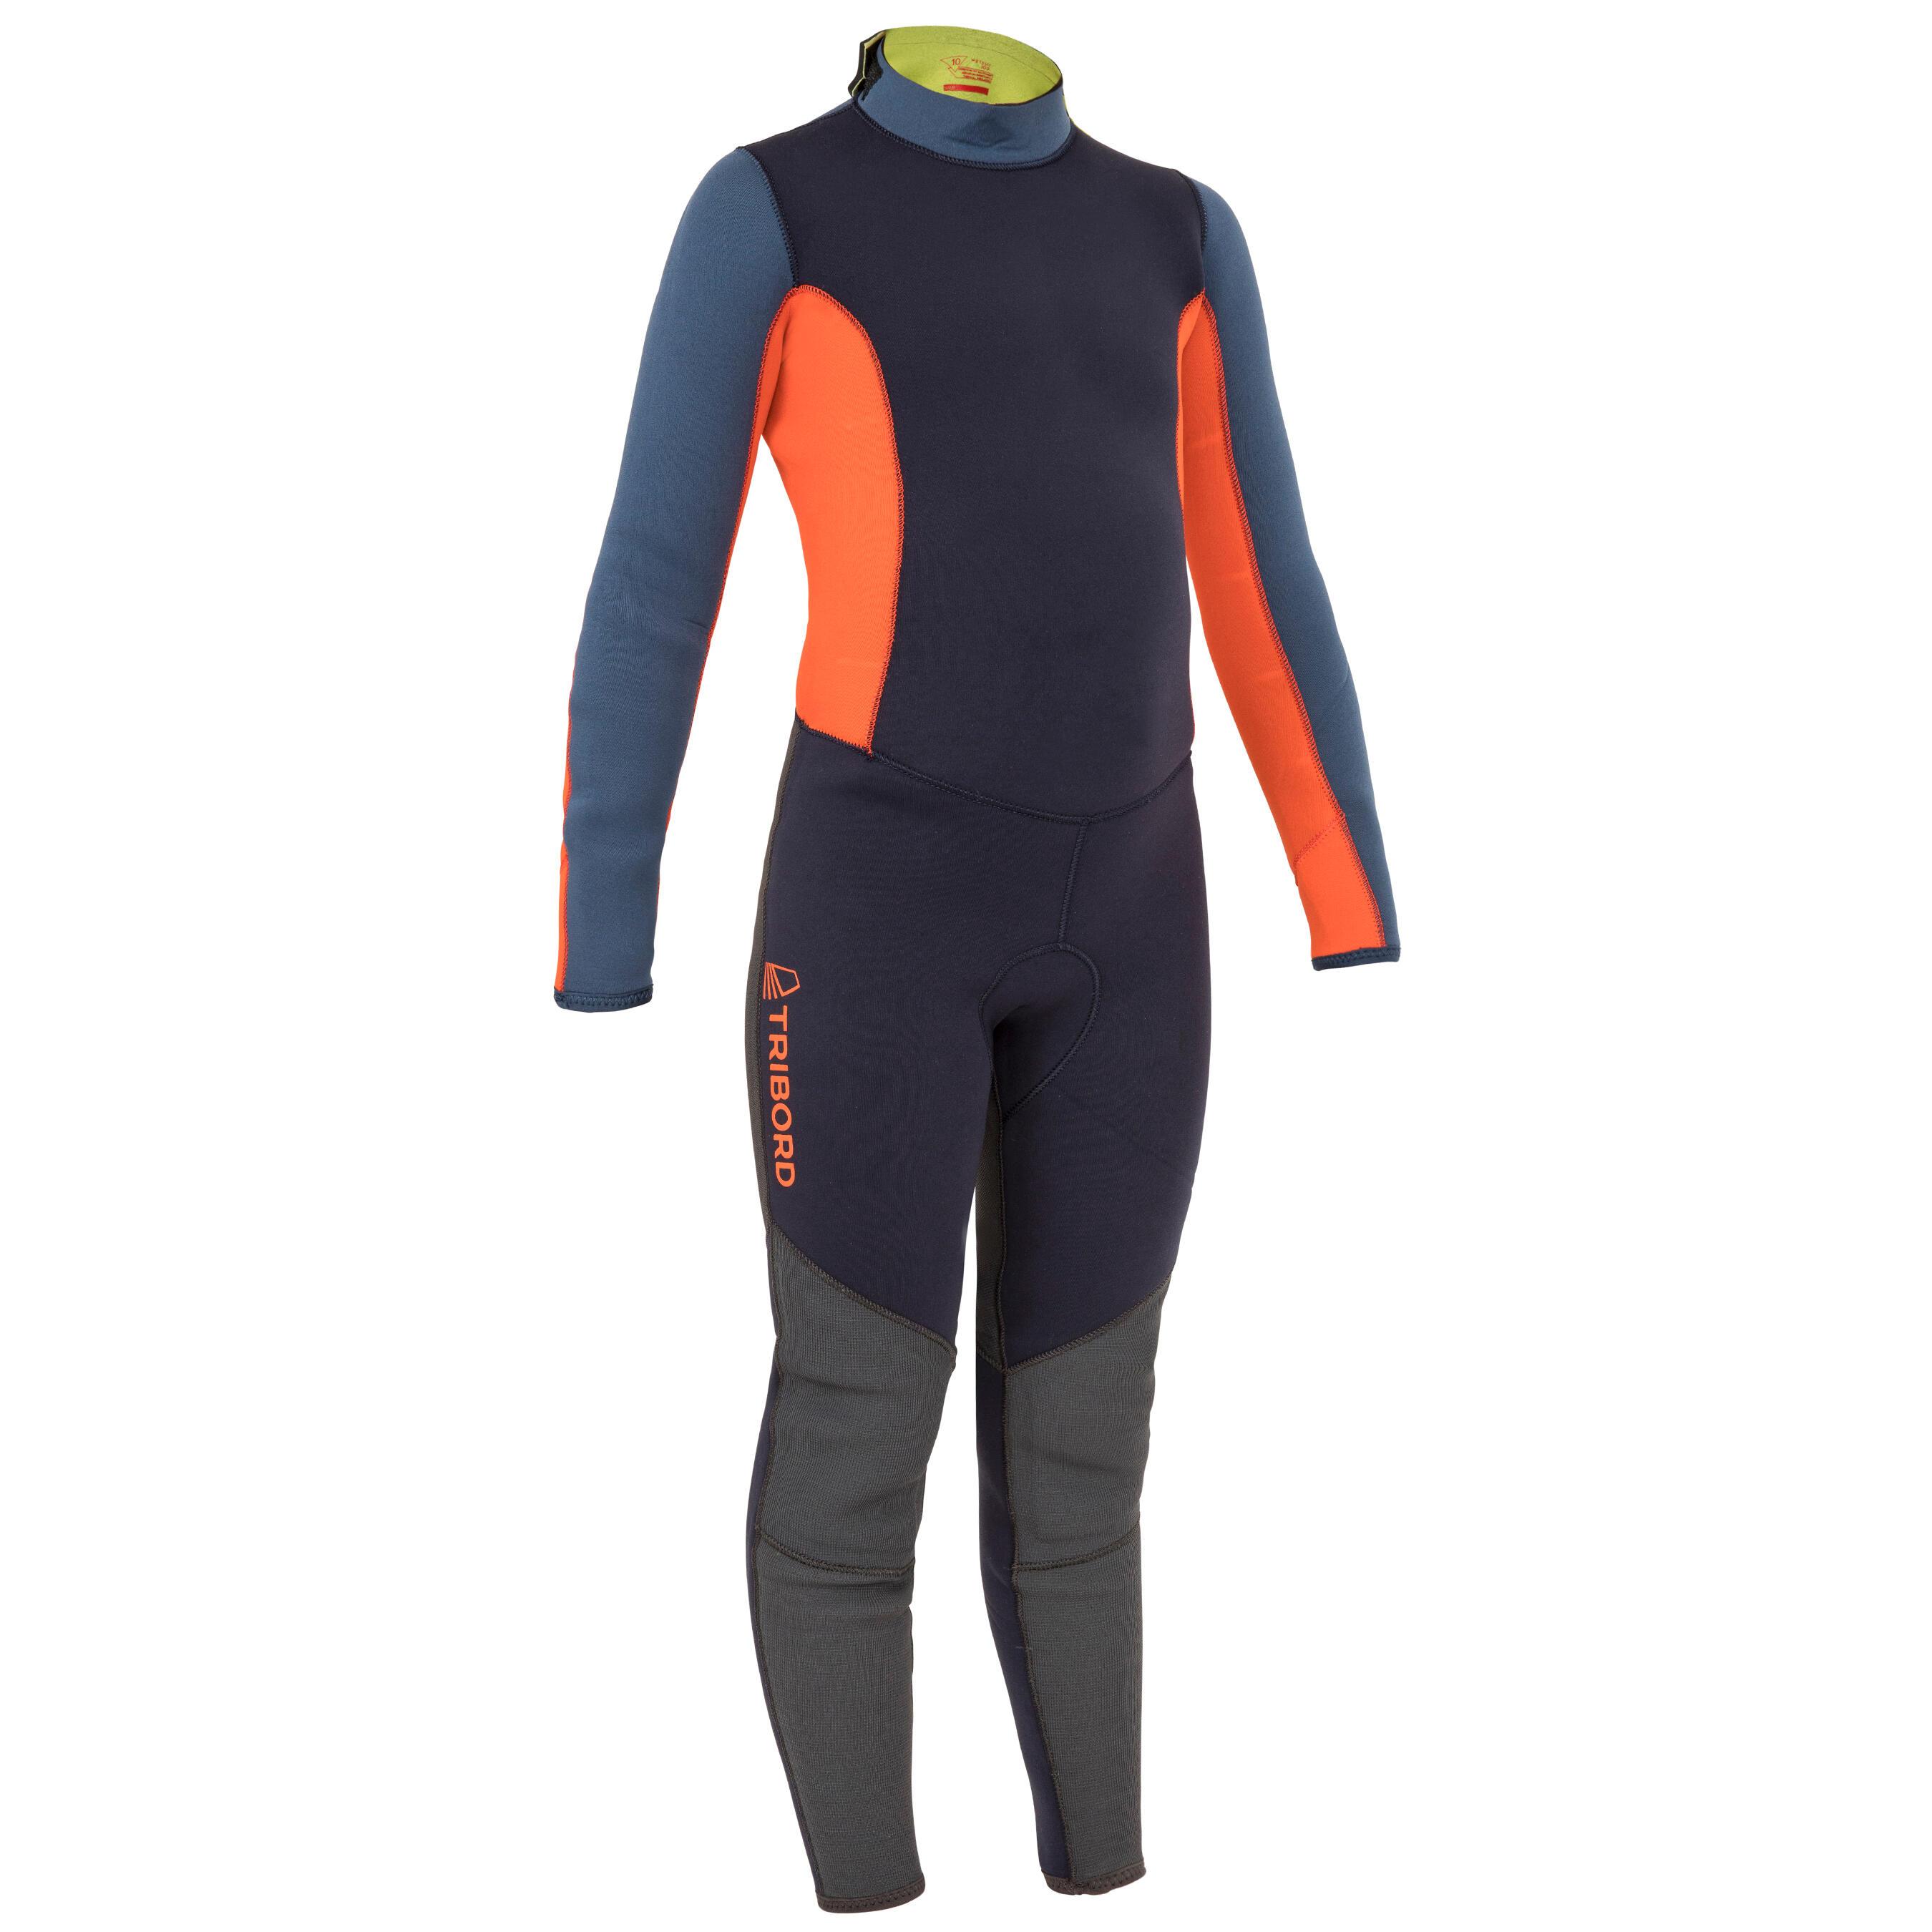 Tribord Neopropeen kinderwetsuit gestikt/geplakt 3/2mm Zeilen Dinghy 500 blauw/oranje